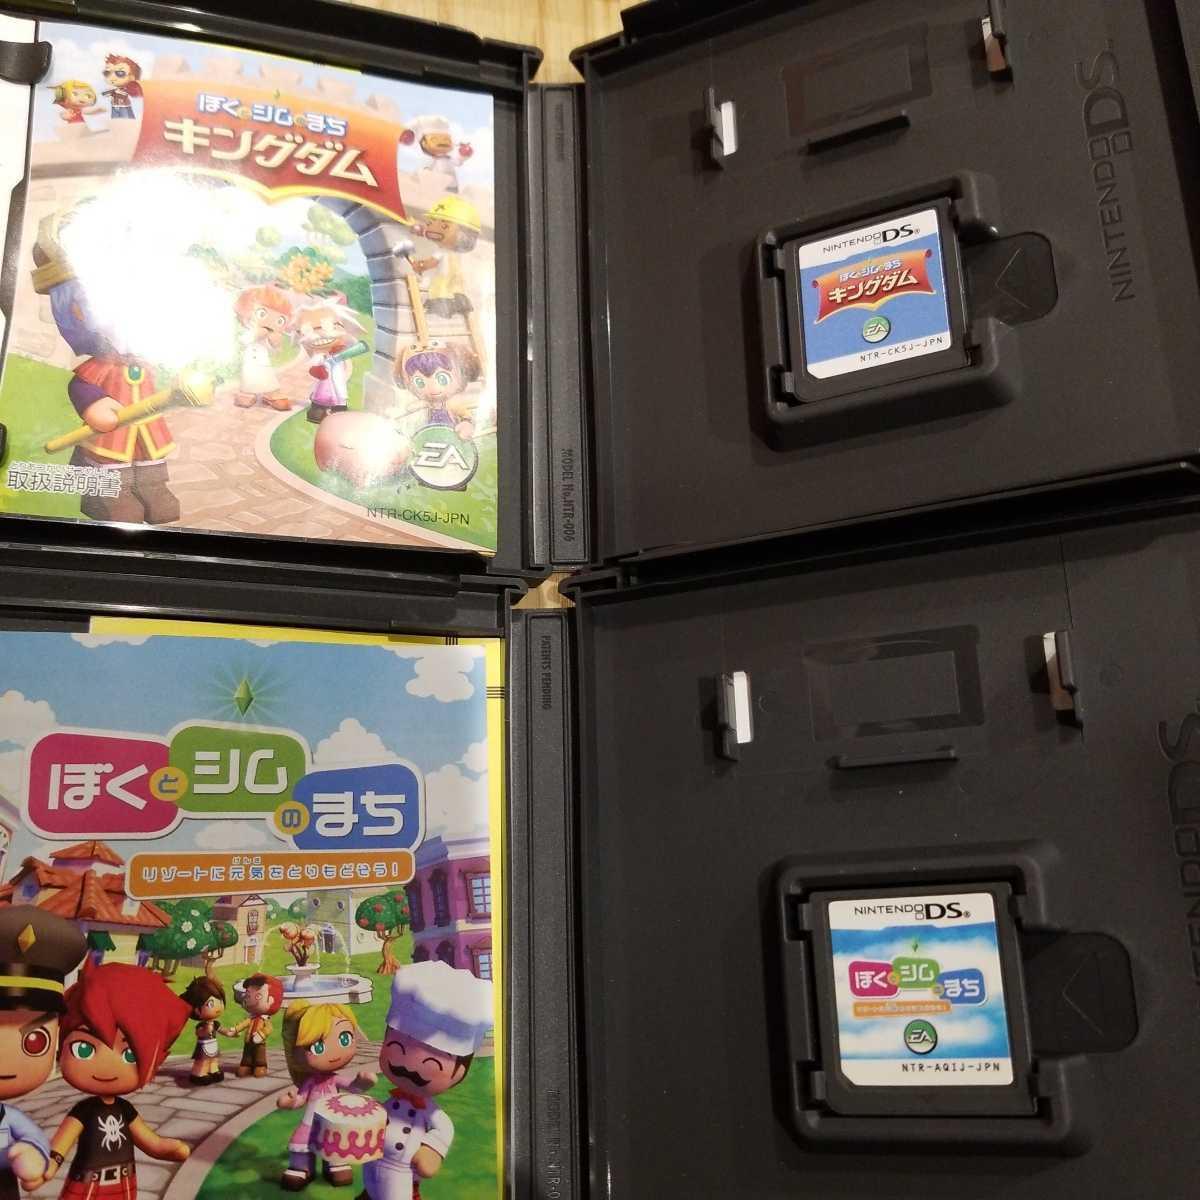 【4本セット】 DS ソフト まとめ売り クイズマジックアカデミーDS ぼくとシムのまち みんなのコンビニ